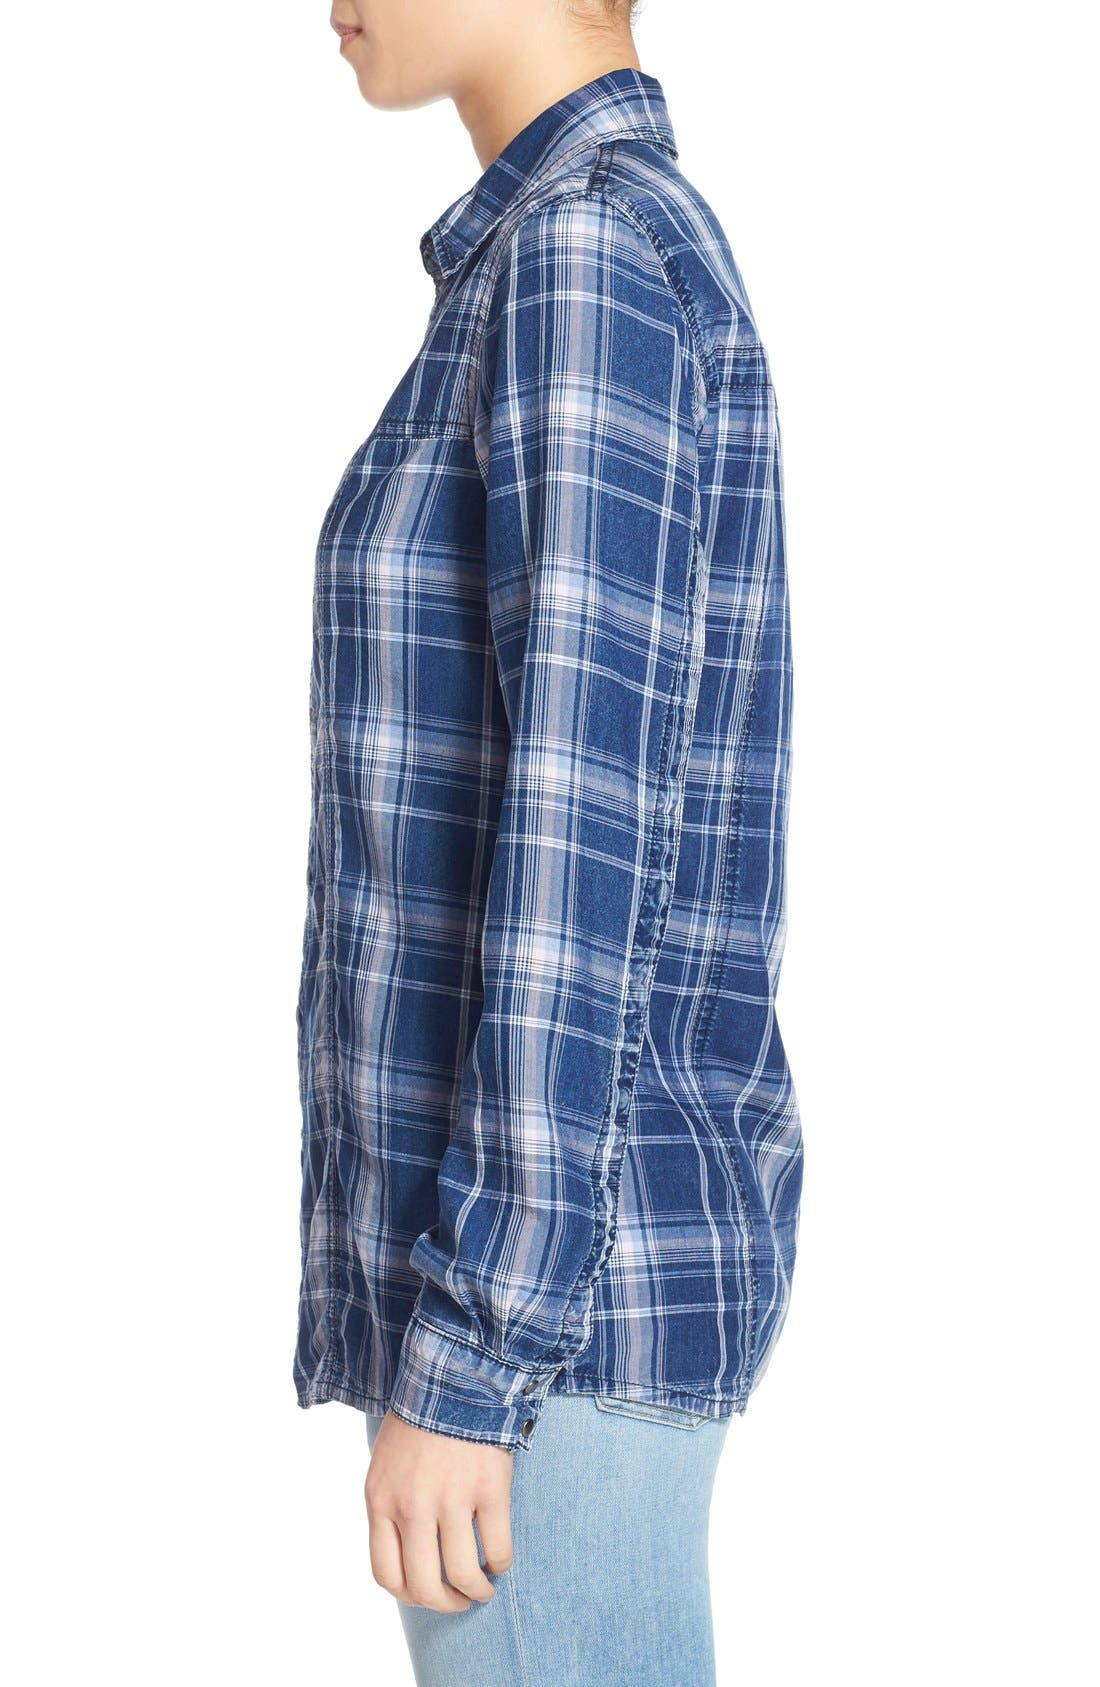 Alternate Image 3  - Hudson Jeans 'Britt' Plaid Shirt